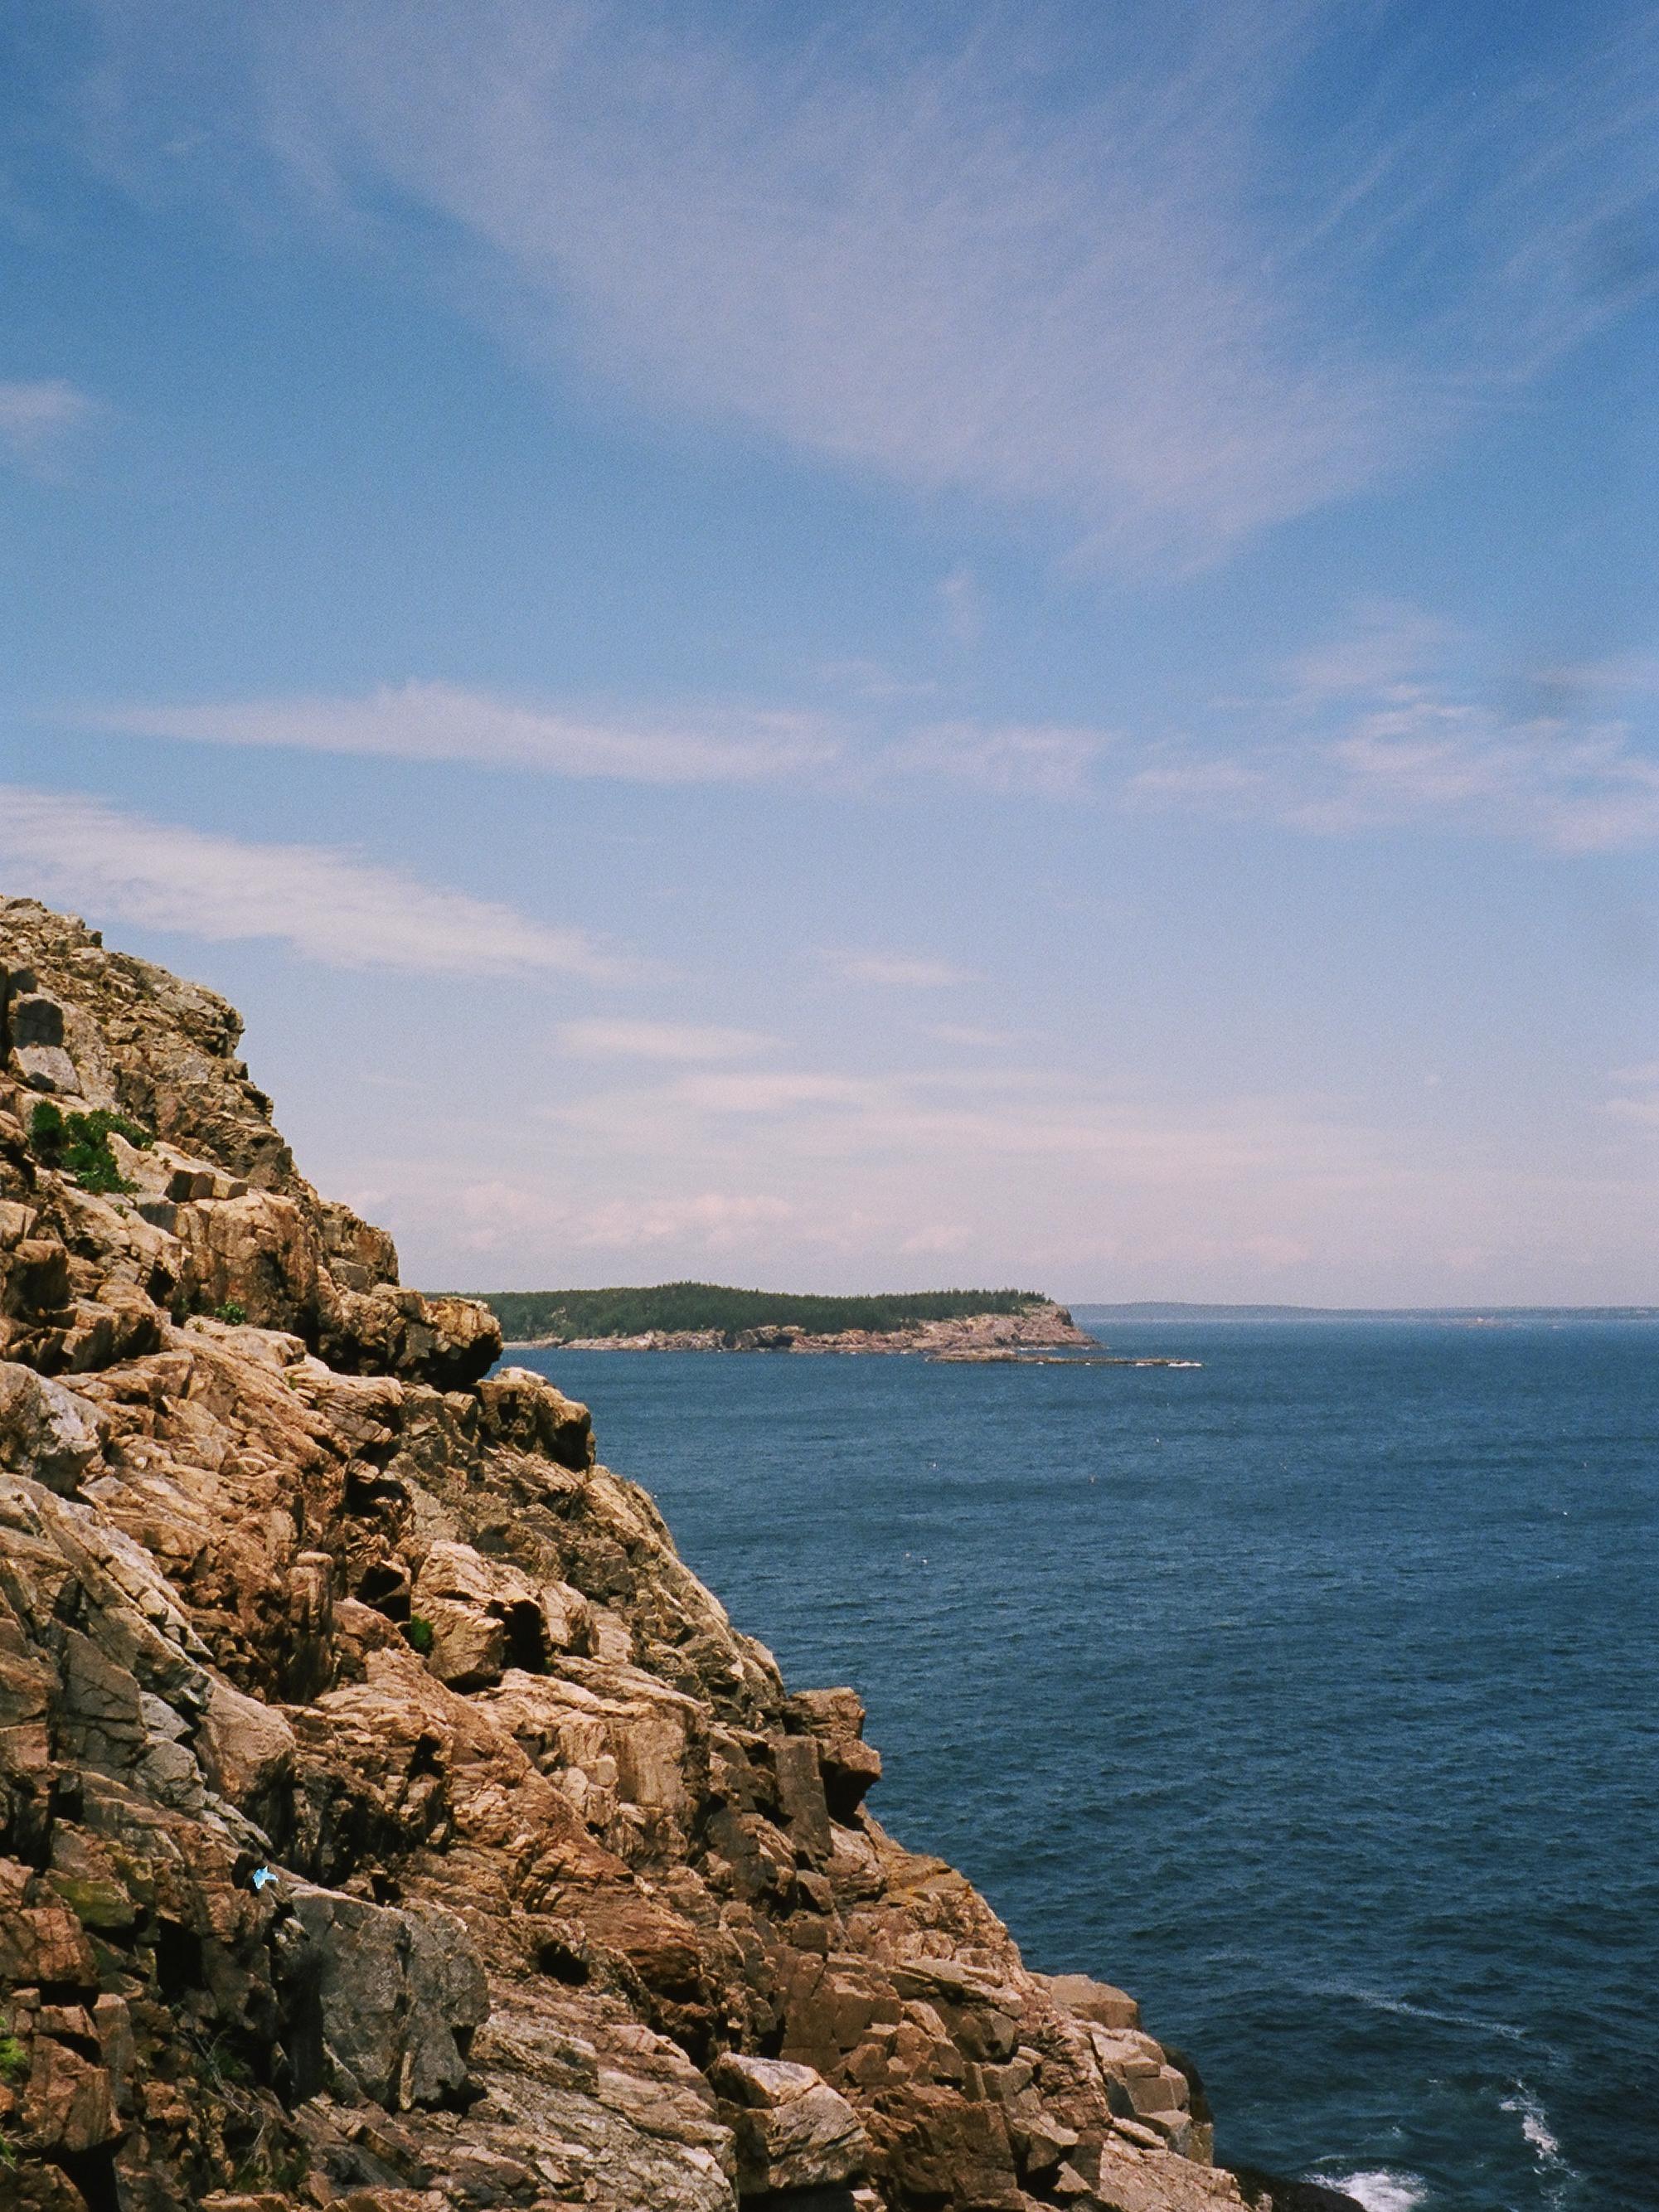 LeicaM6_Portra400-360.jpg